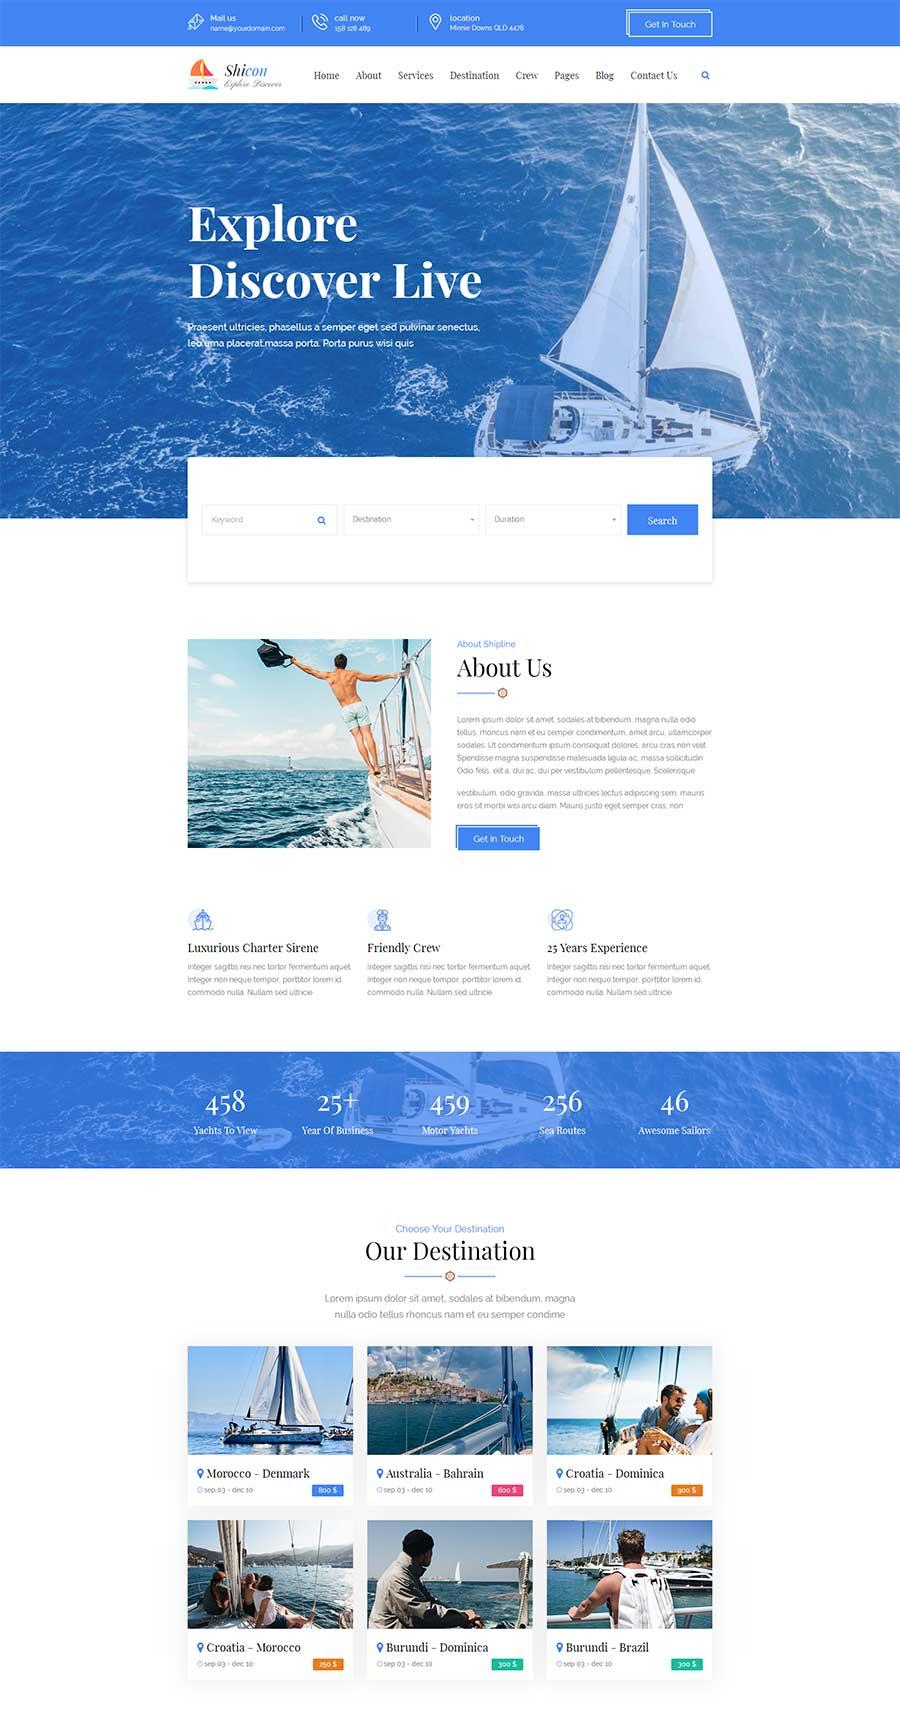 蓝色宽屏大气响应式船舶租赁服务公司网站模板